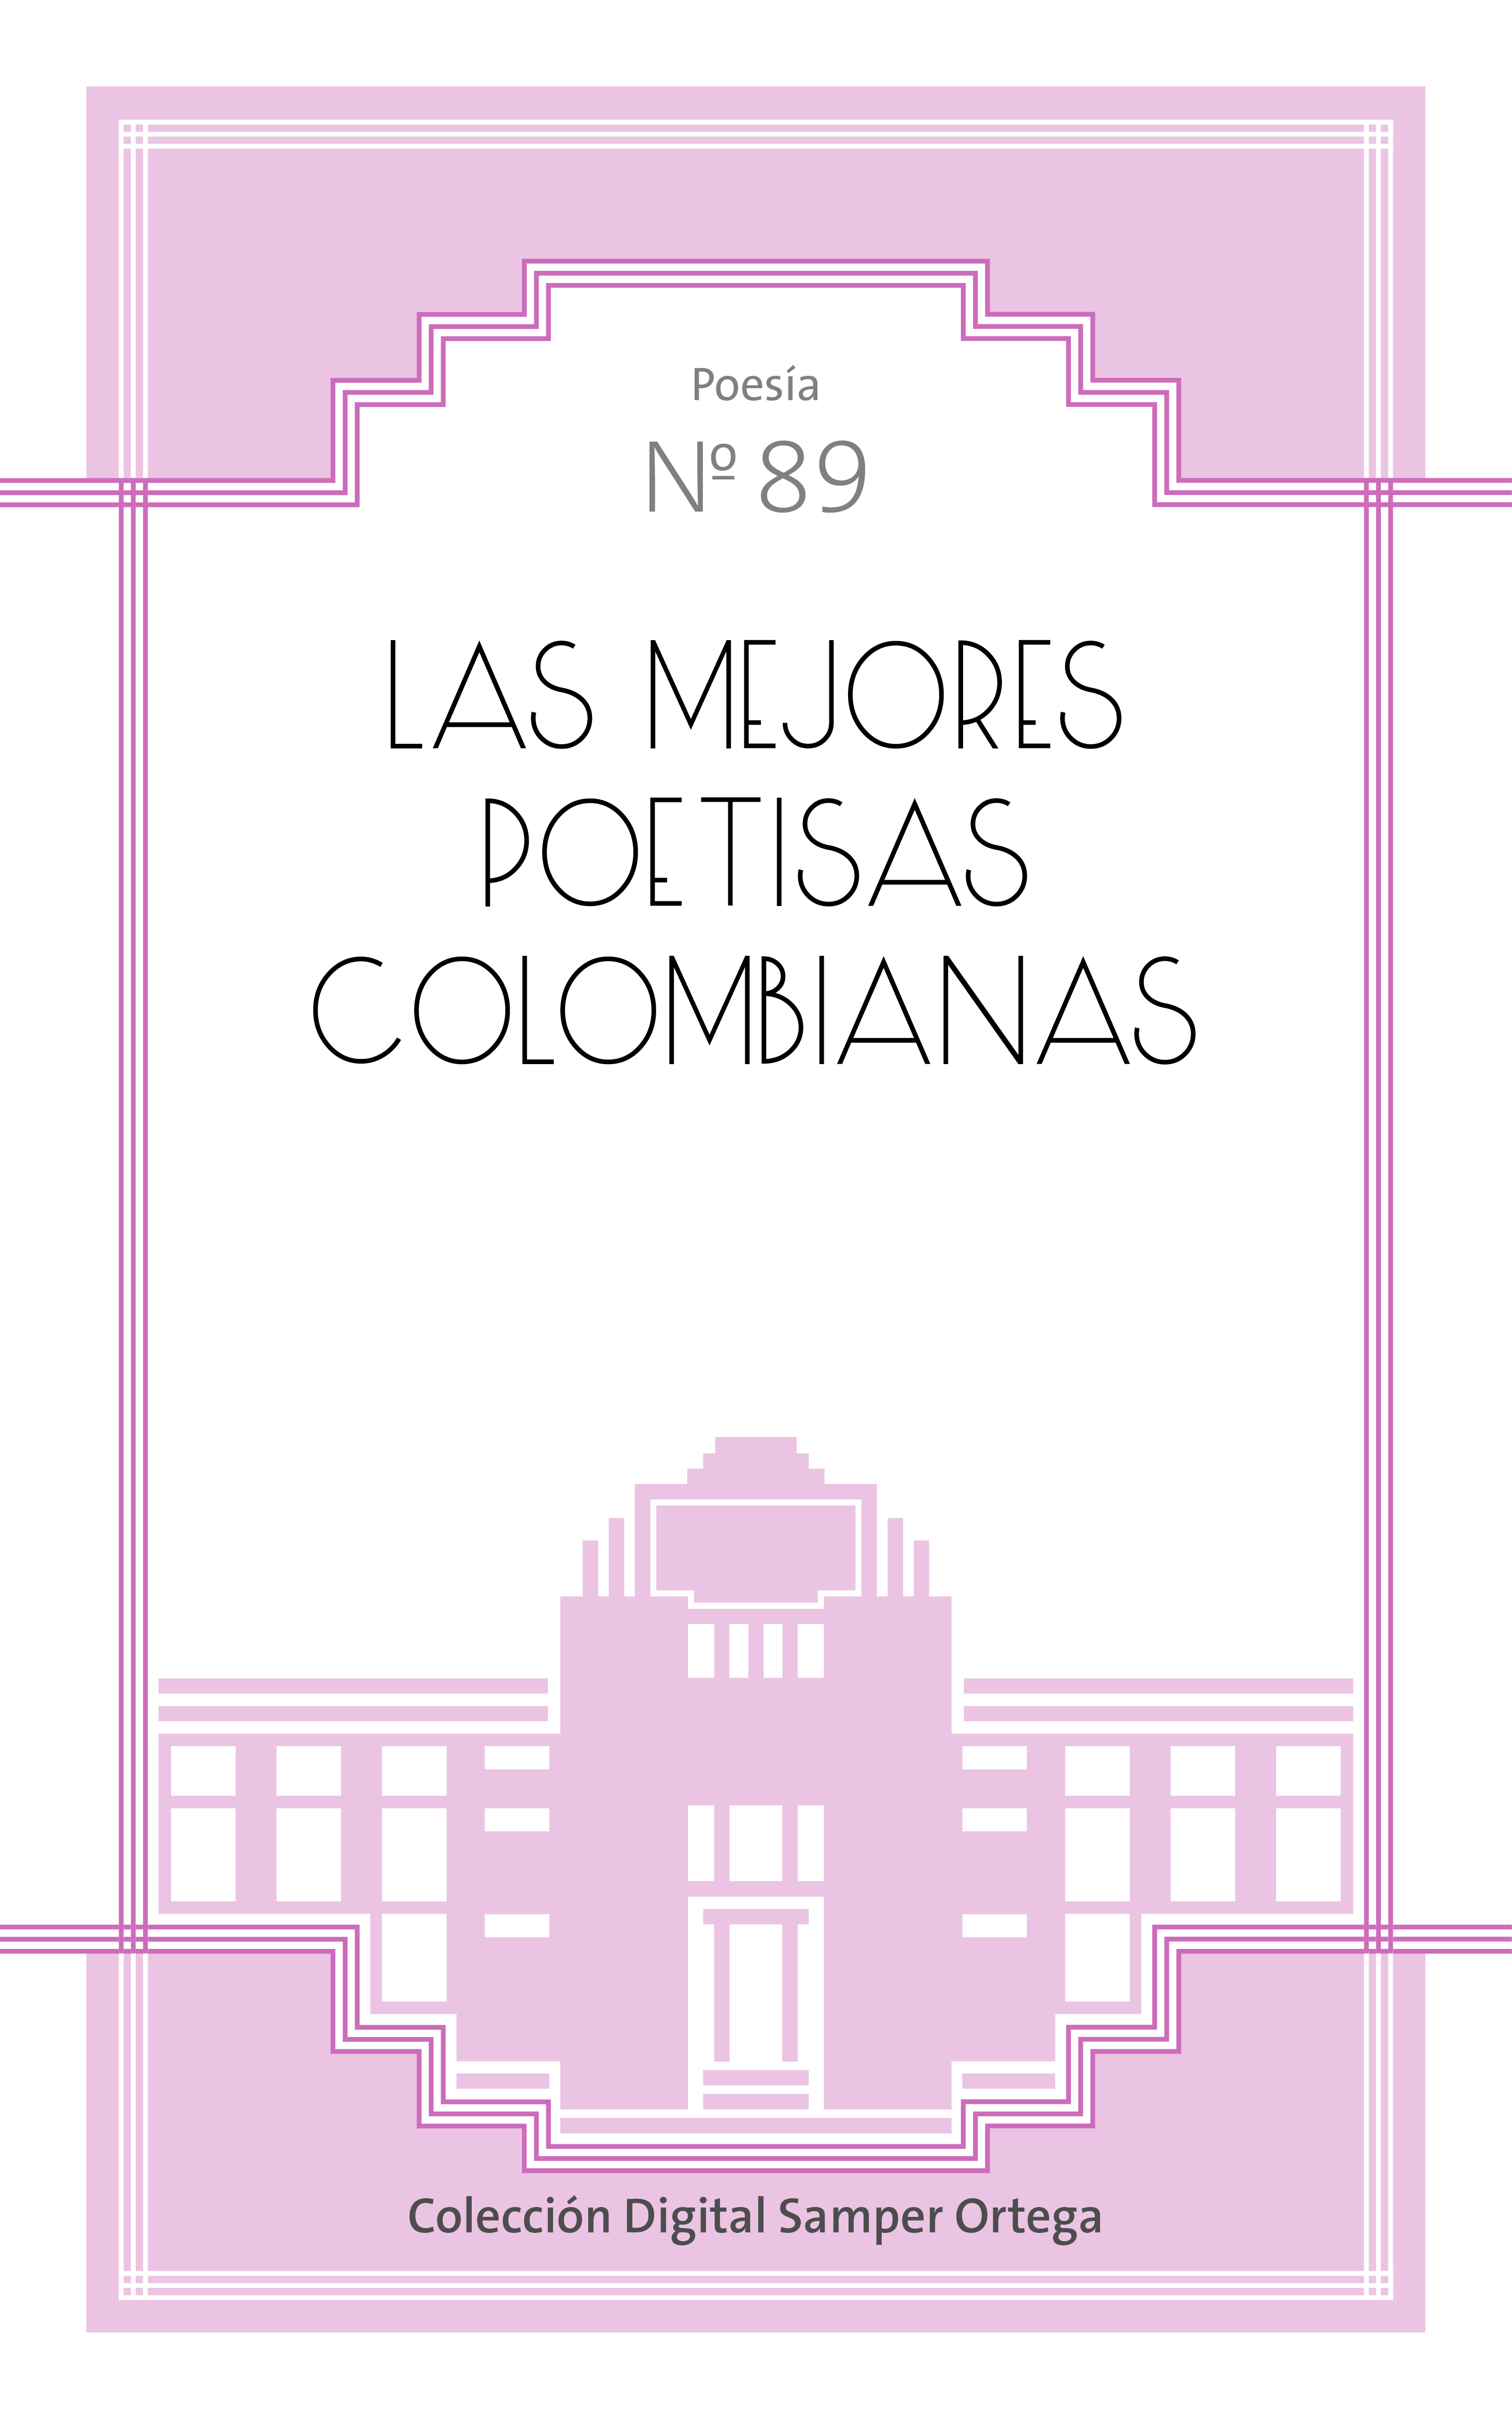 Las mejores poetisas colombianas